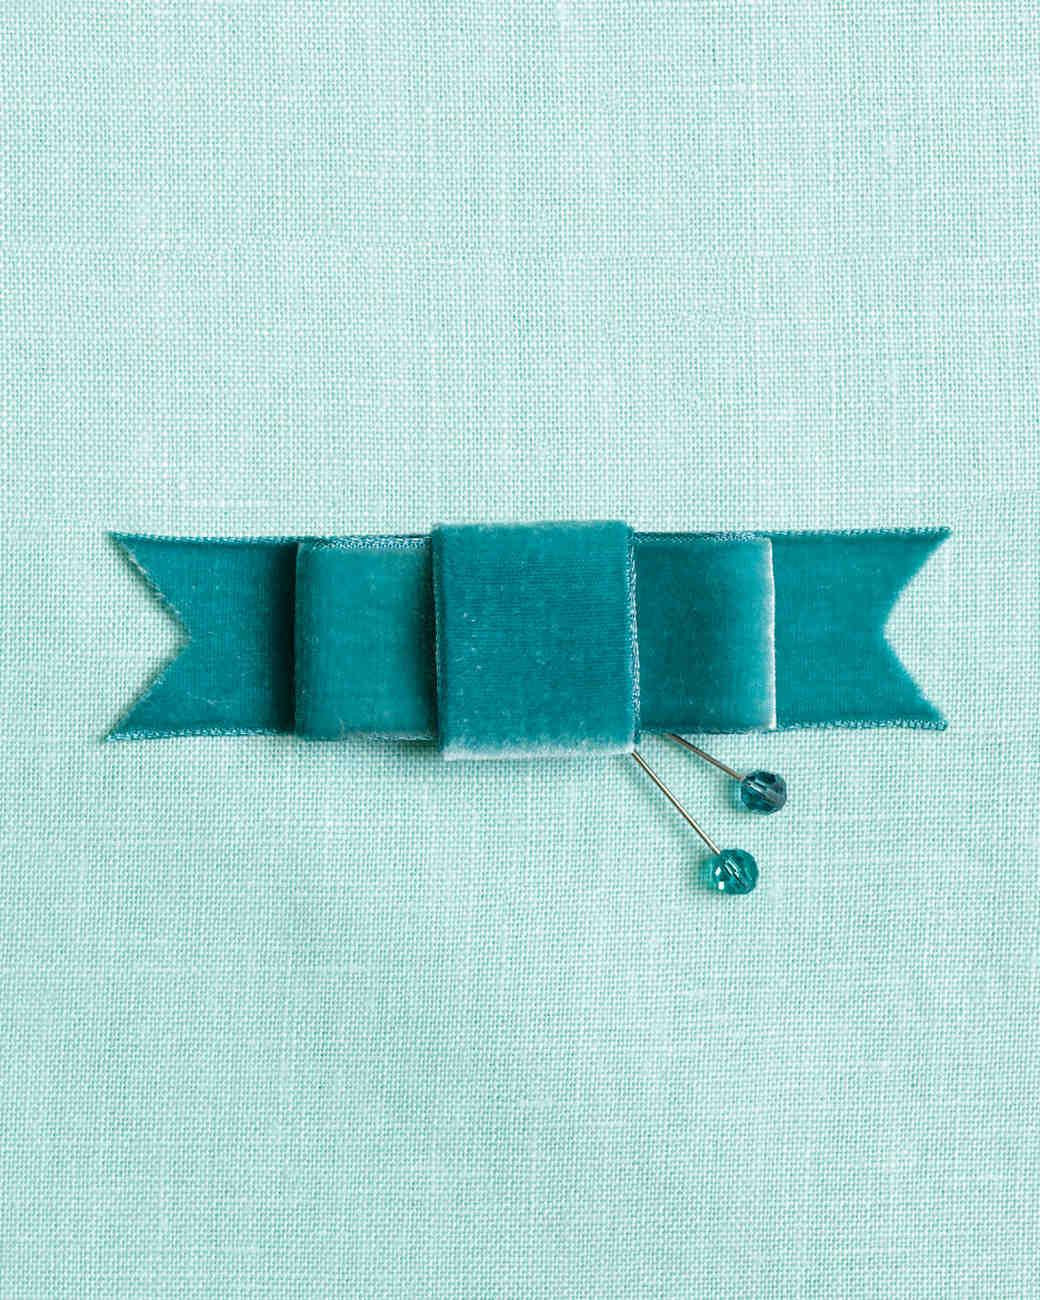 ribbon-bow-diy-mwd104284-tuxedo-0515.jpg